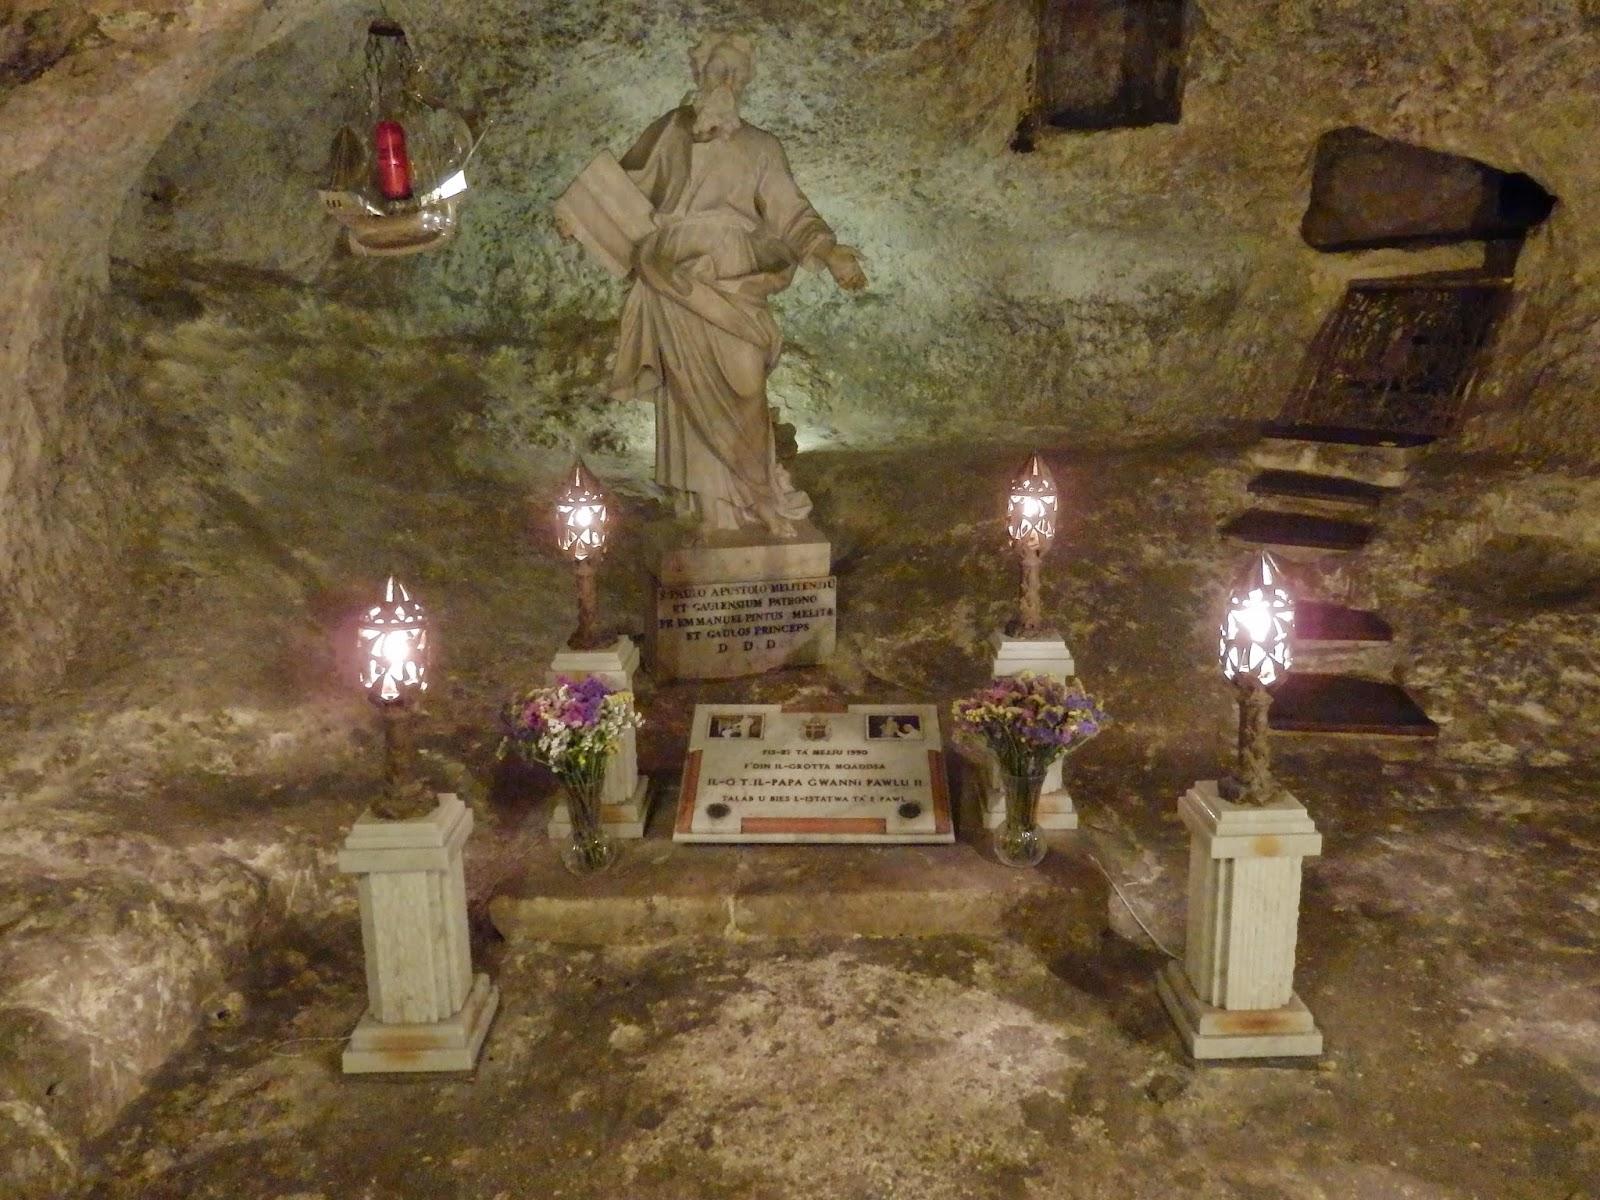 St Paul's Grotto, Rabat, Malta